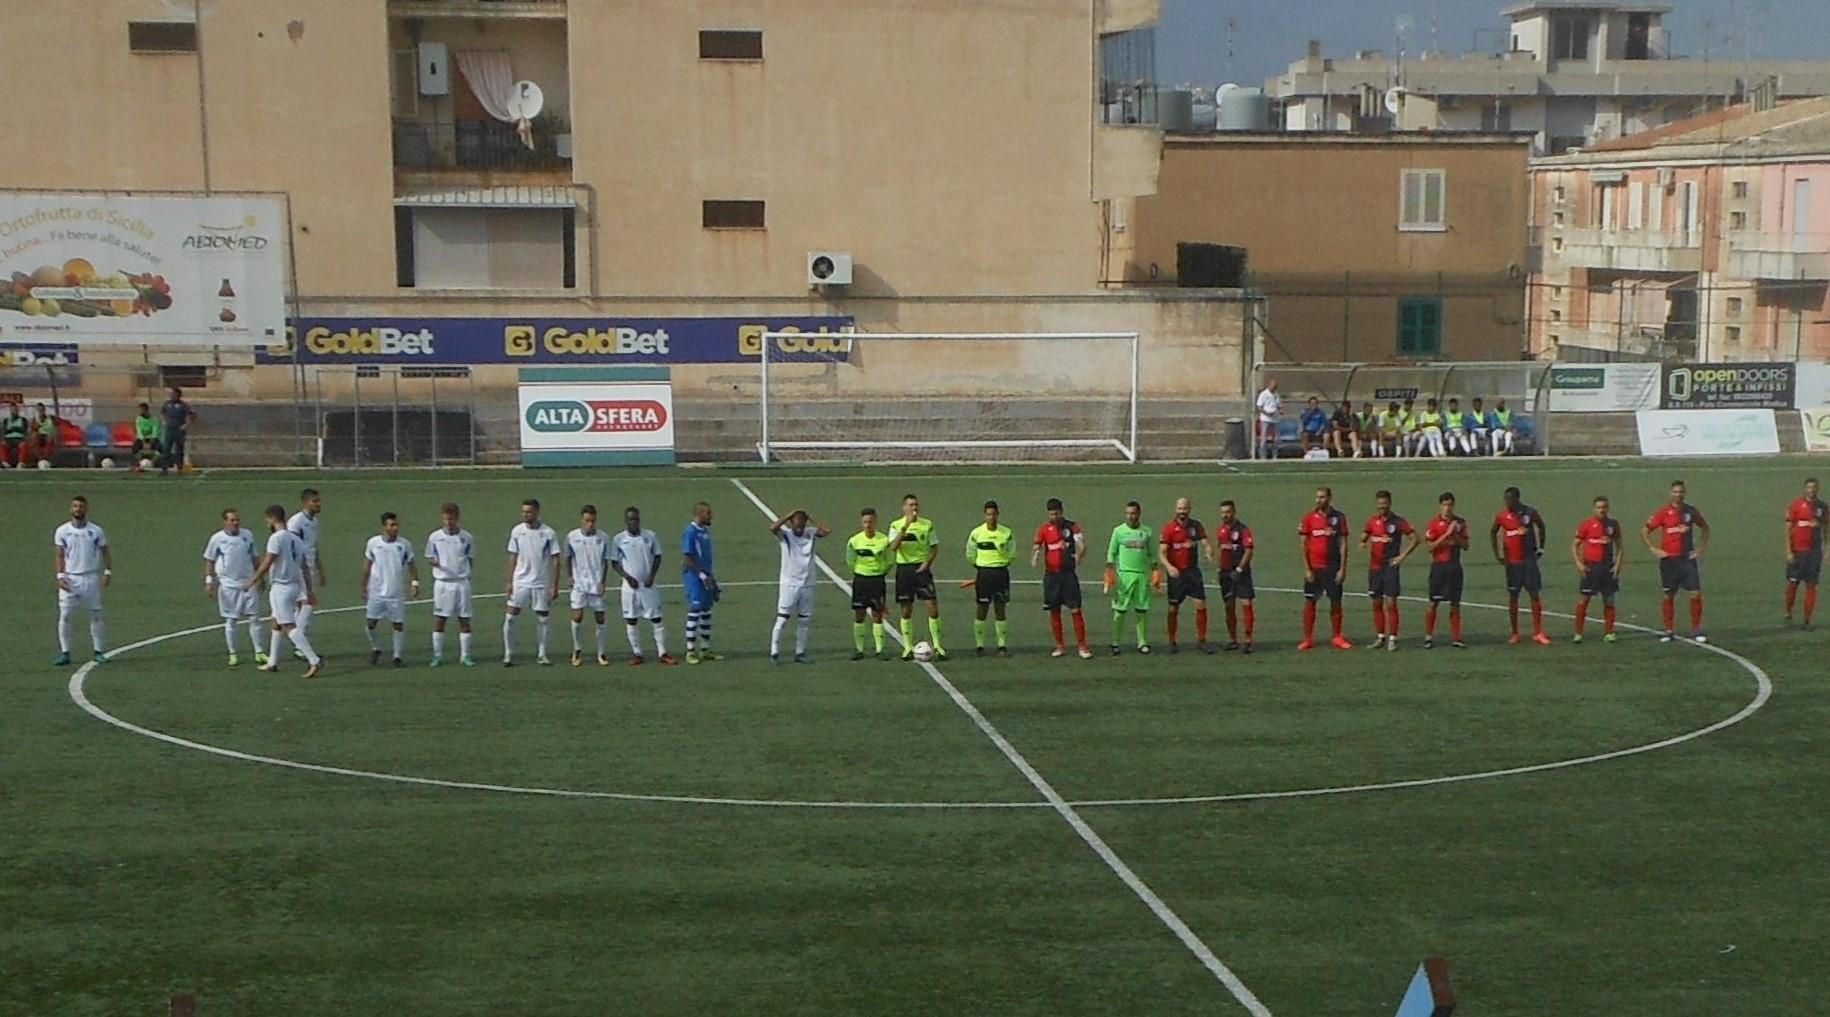 Calcio, Promozione: il derby di Coppa tra Modica e Ragusa finisce in parità (2 a 2)